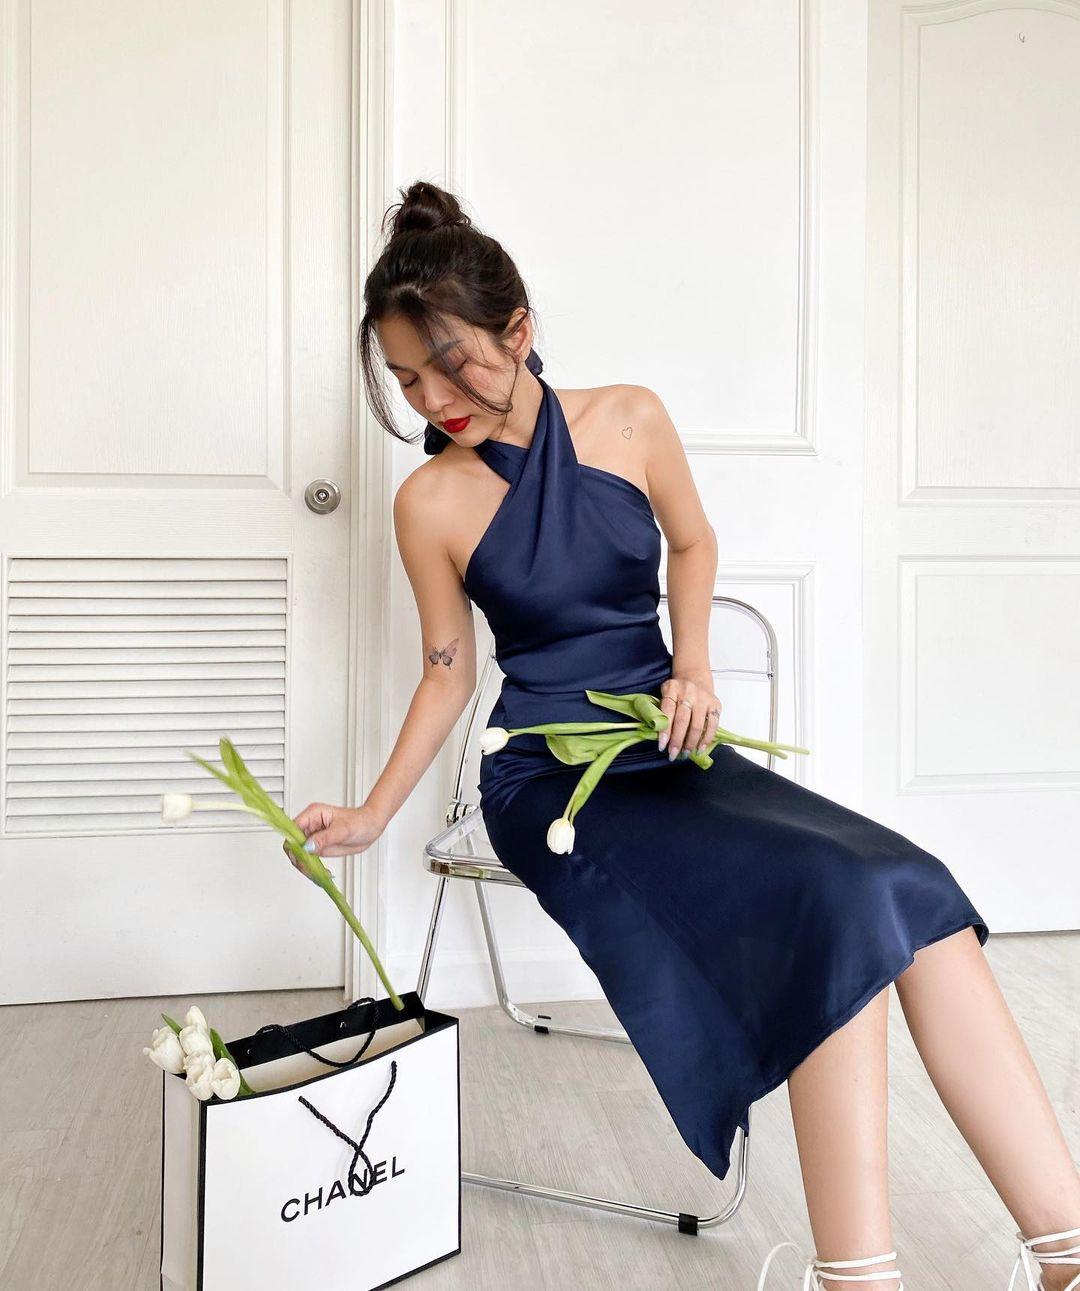 Hà Hồ diện váy Zara 1,3 triệu sang quá nhưng nếu thấy đắt thì bạn có thể tăm tia nhiều kiểu hao hao giá chỉ 1/4 - Ảnh 14.